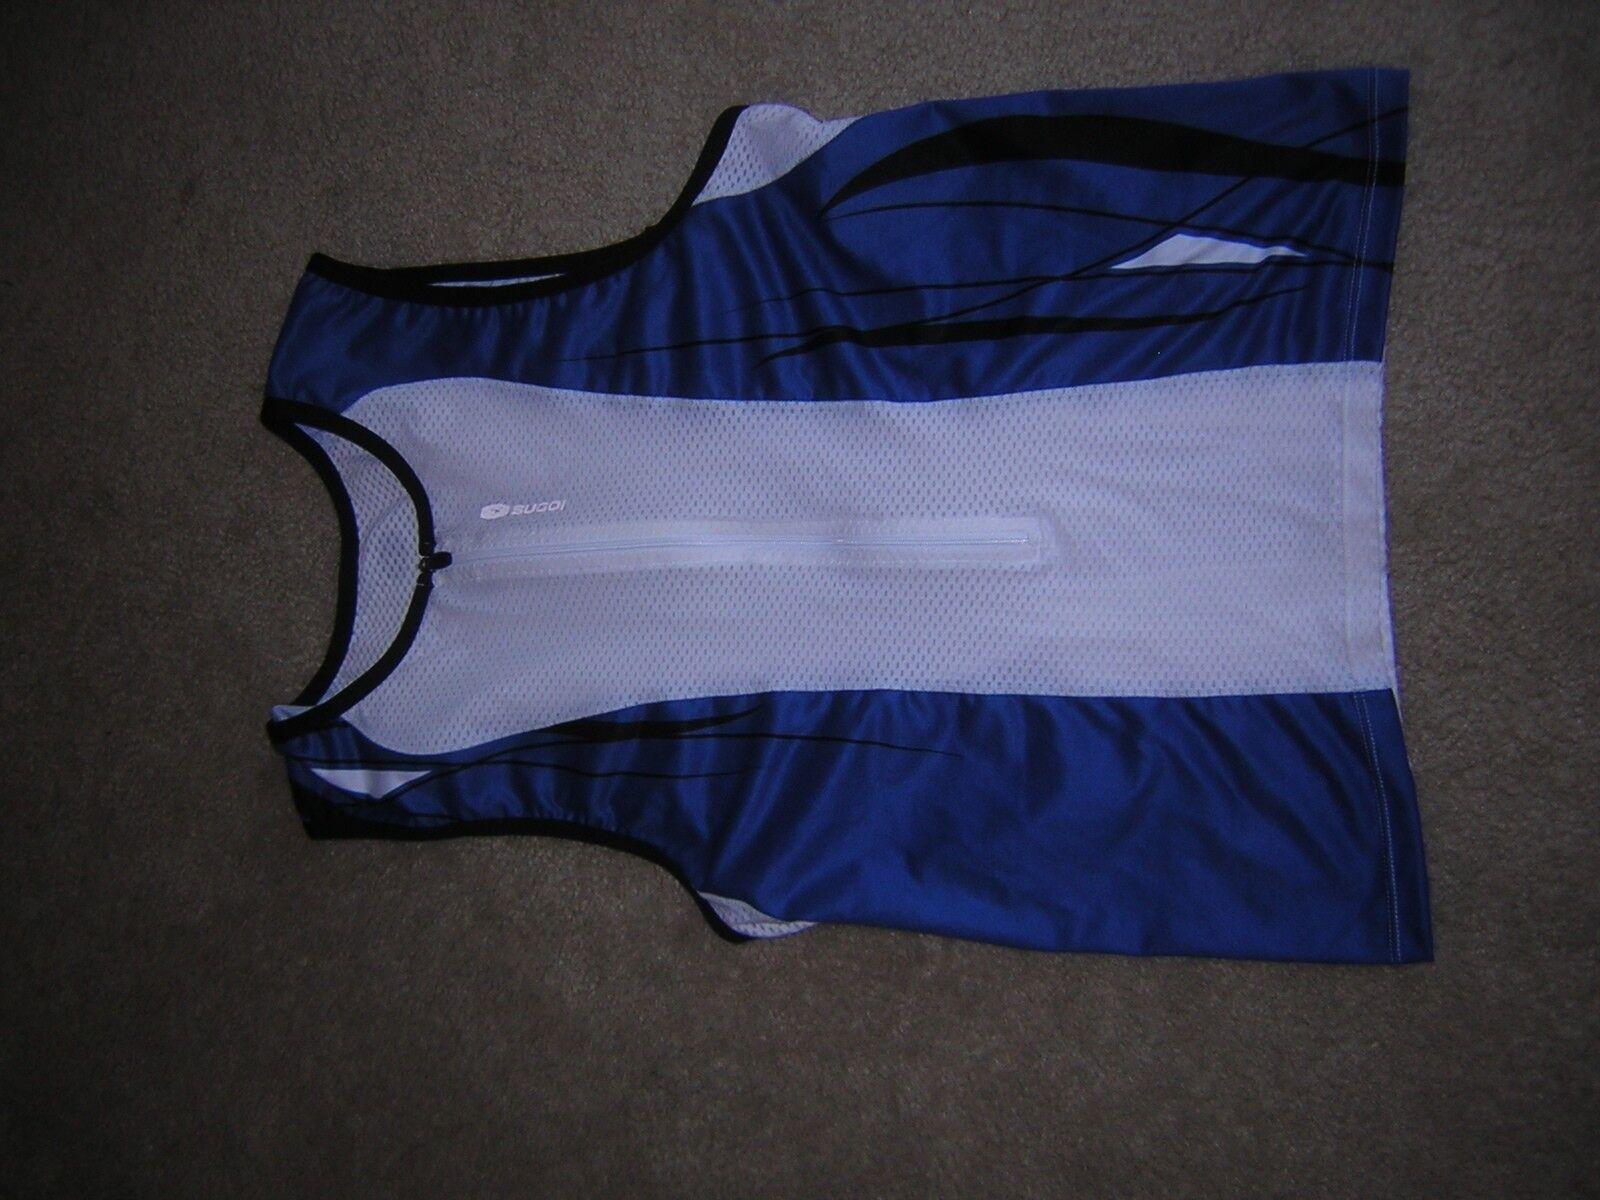 Sugoi Biking Cycling Jersey Women's Size Large Blue/White